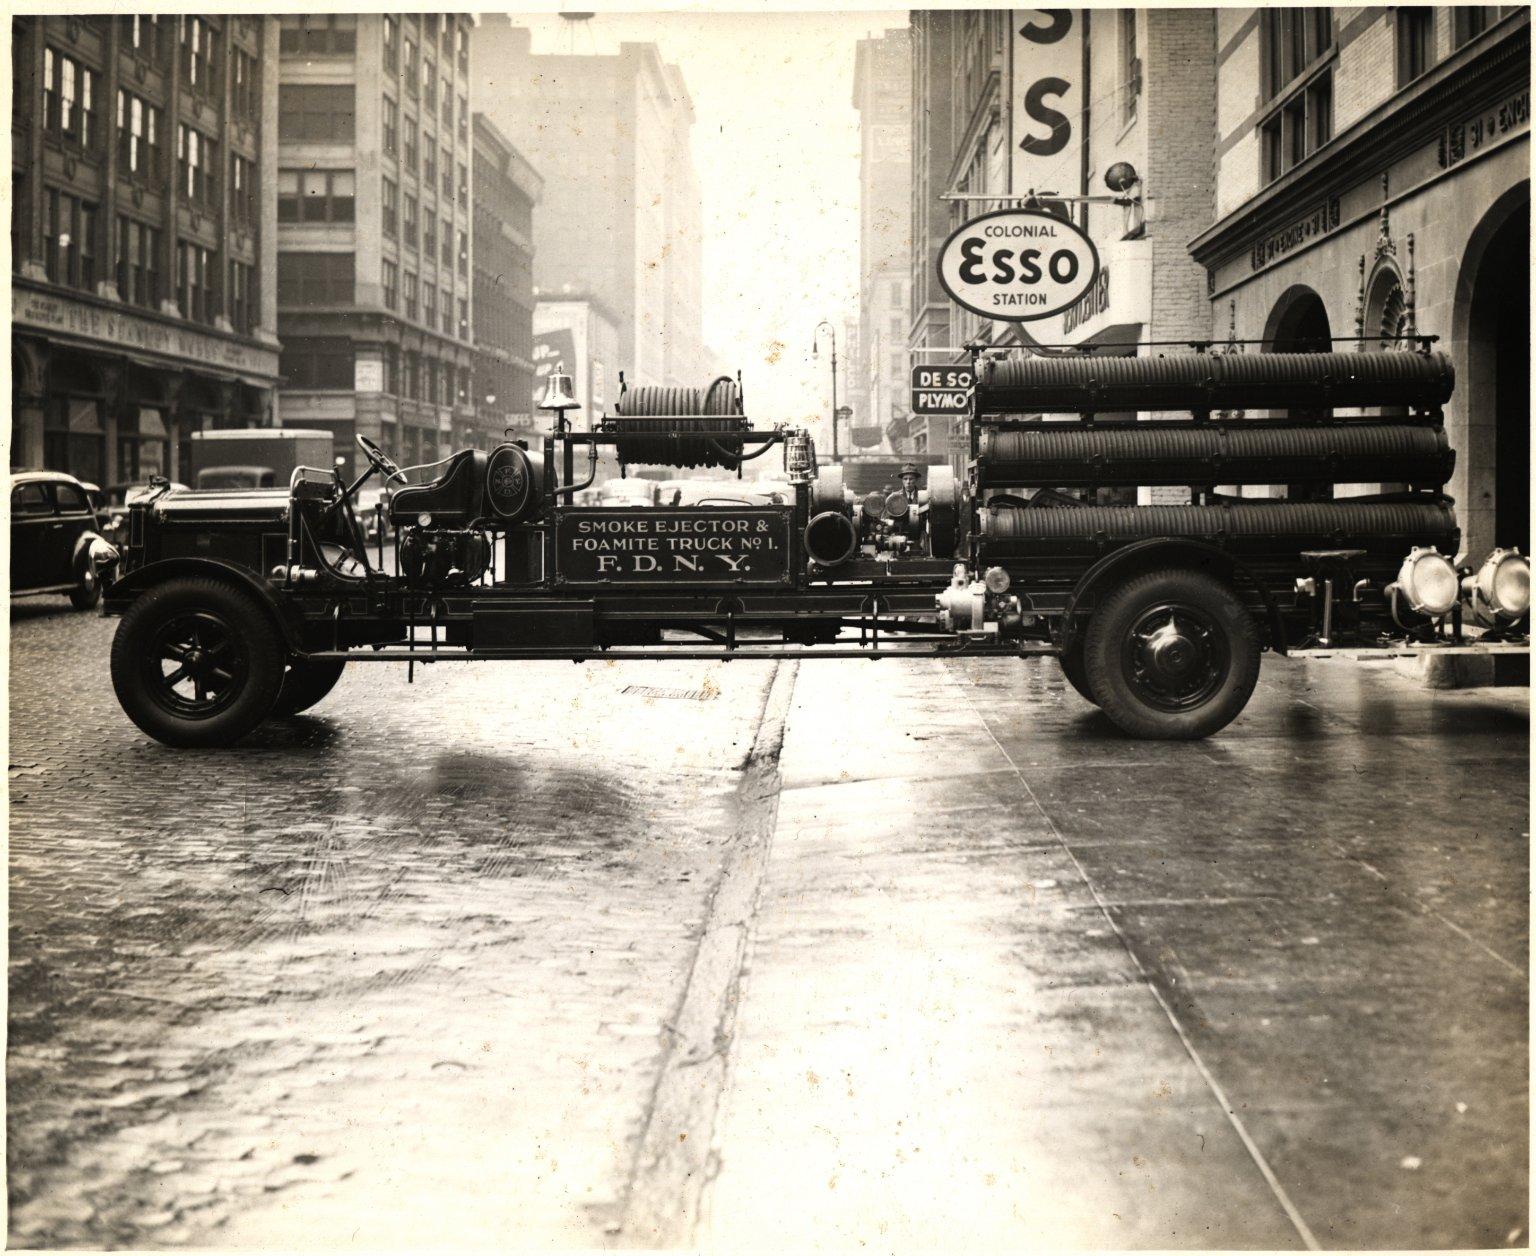 Пожарный автомобиль пенного тушения и дымозащитный. Нью-Йорк, США. Начало 20 века